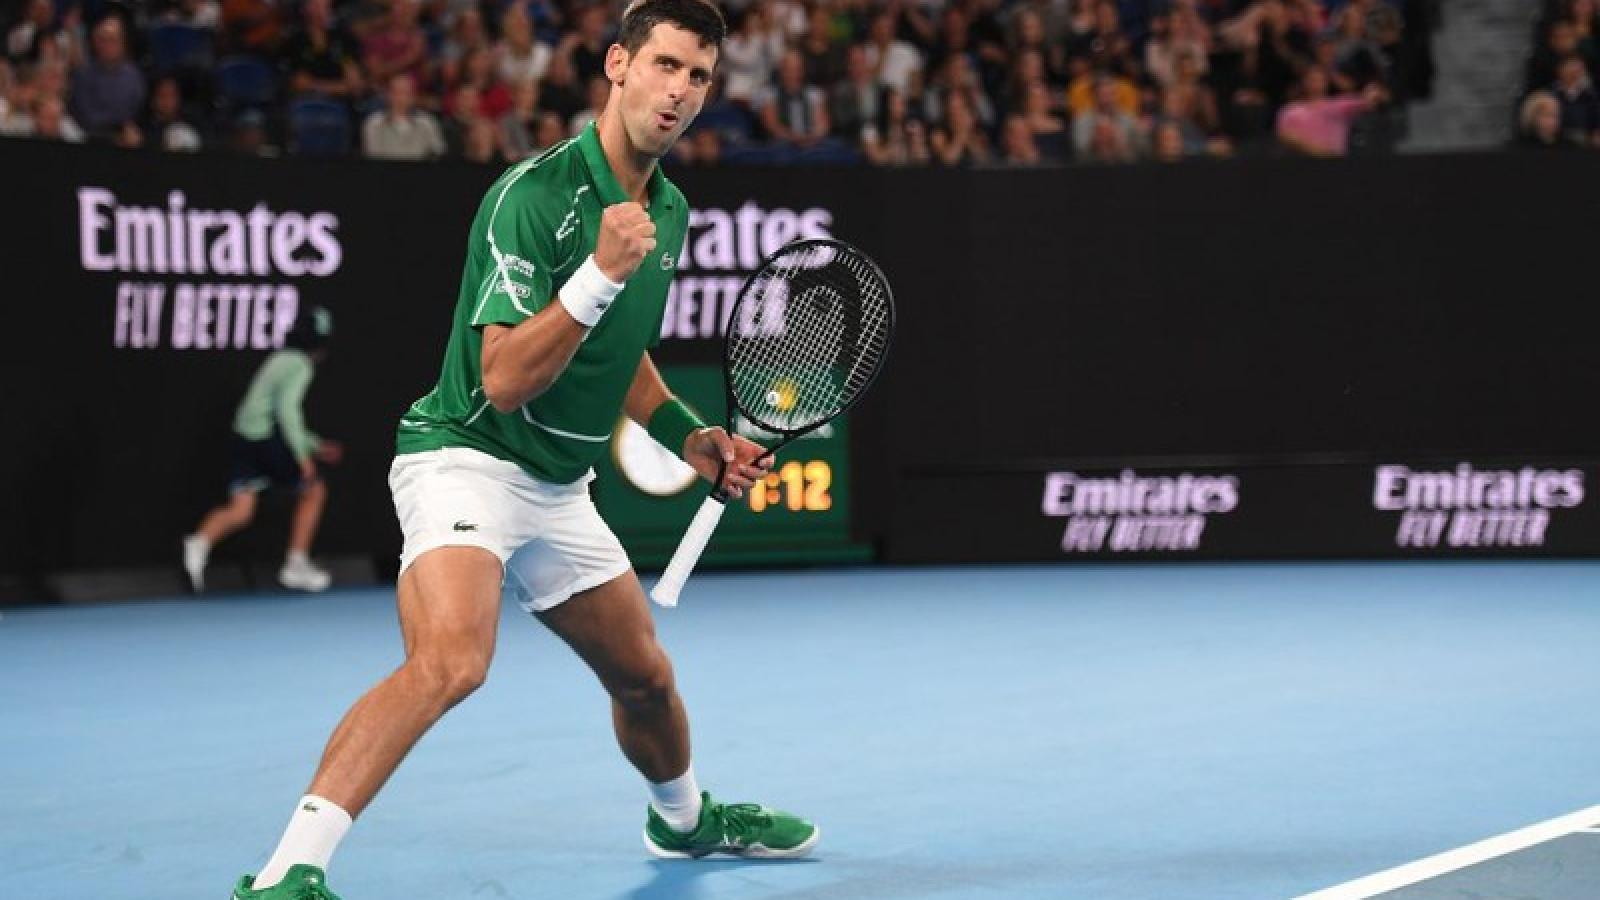 Djokovic phản đối việc tiêm vắc xin chống Covid-19 cho các tay vợt